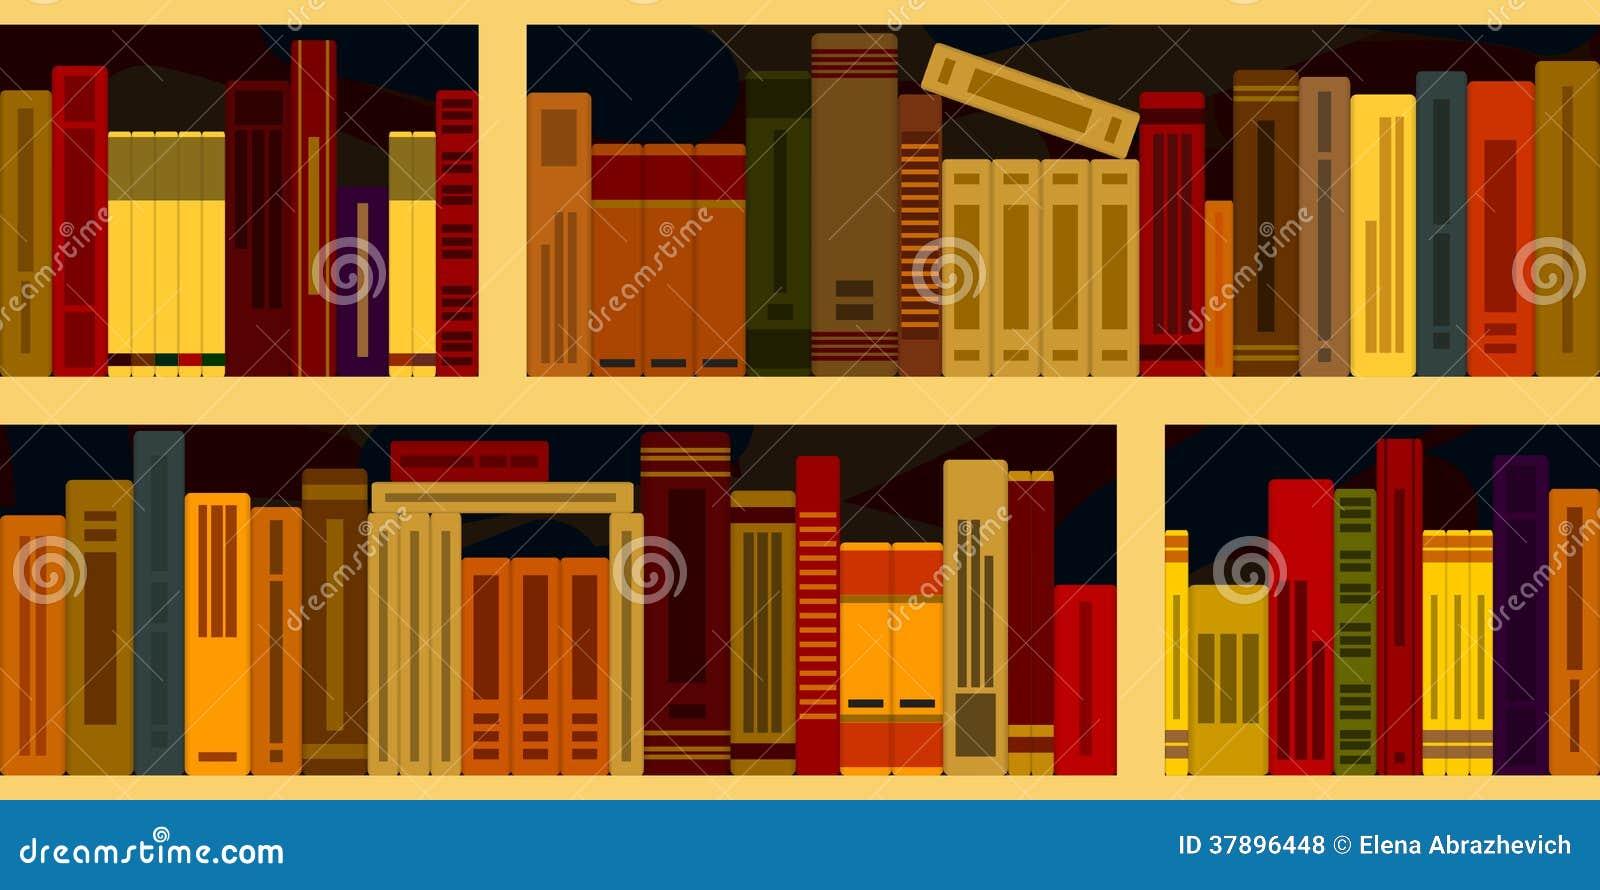 Seamless background from bookshelves